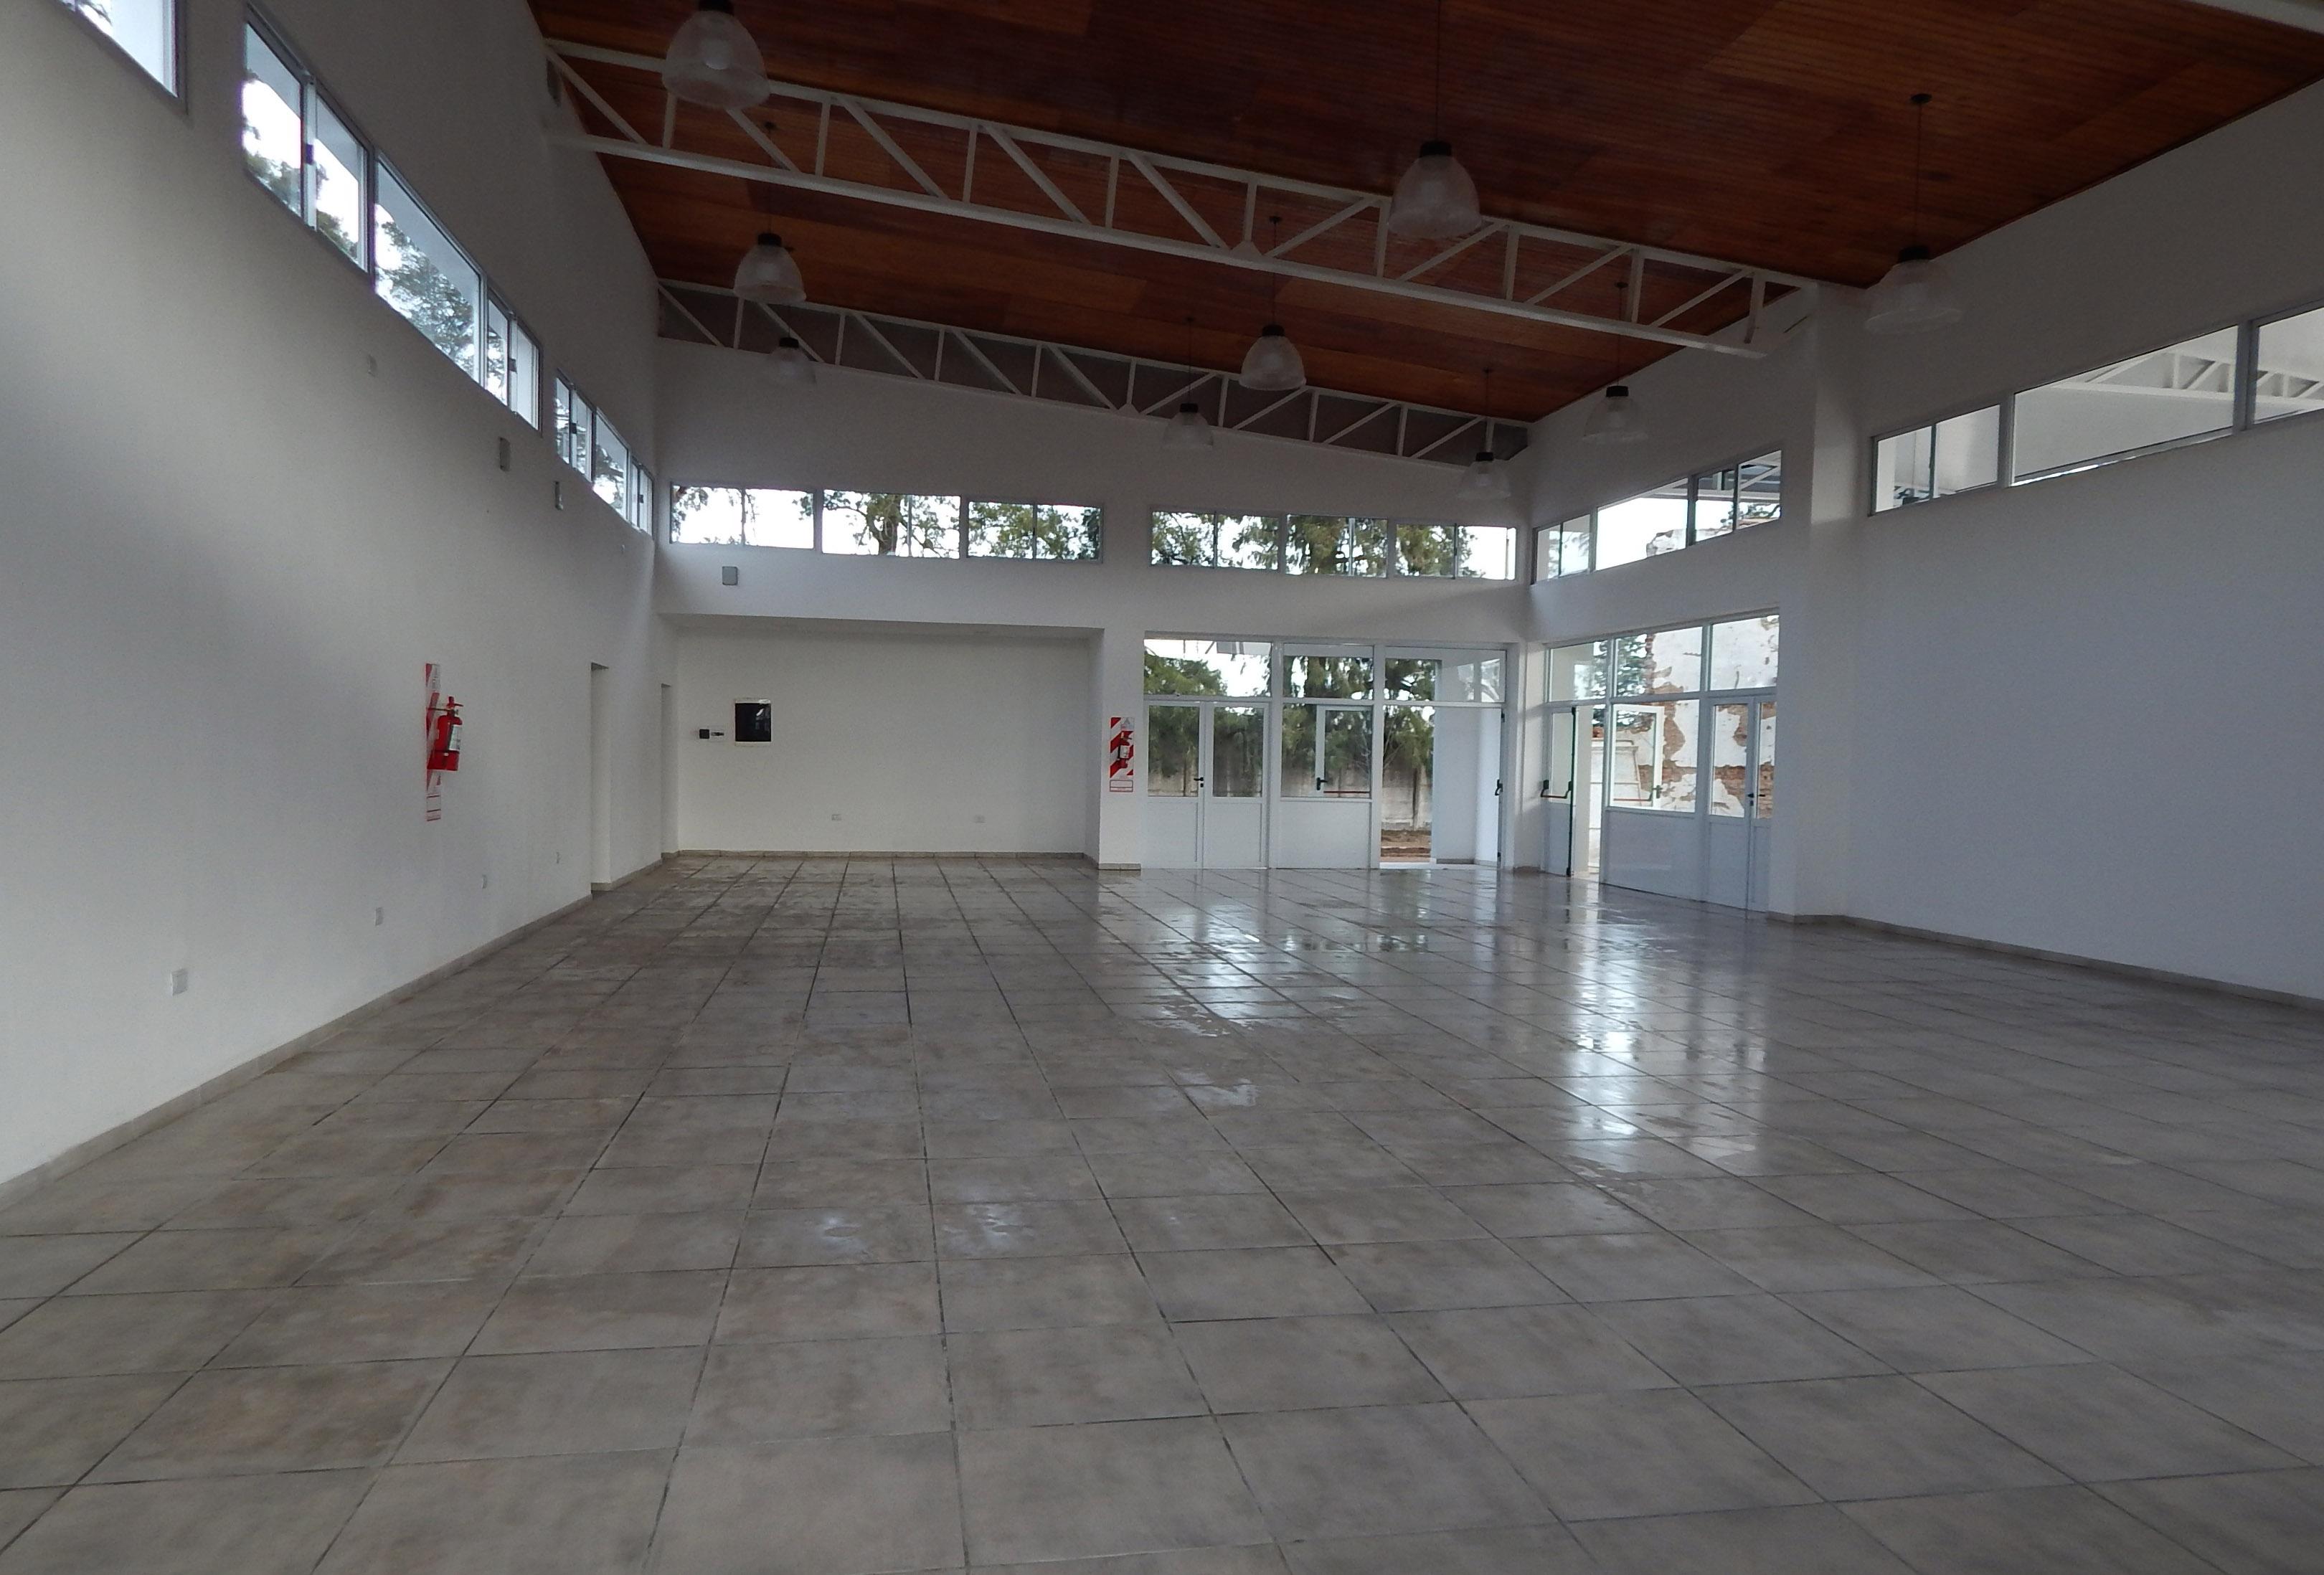 Se dejo inaugurado el nuevo Centro Comunitario de calle Cavallari y West